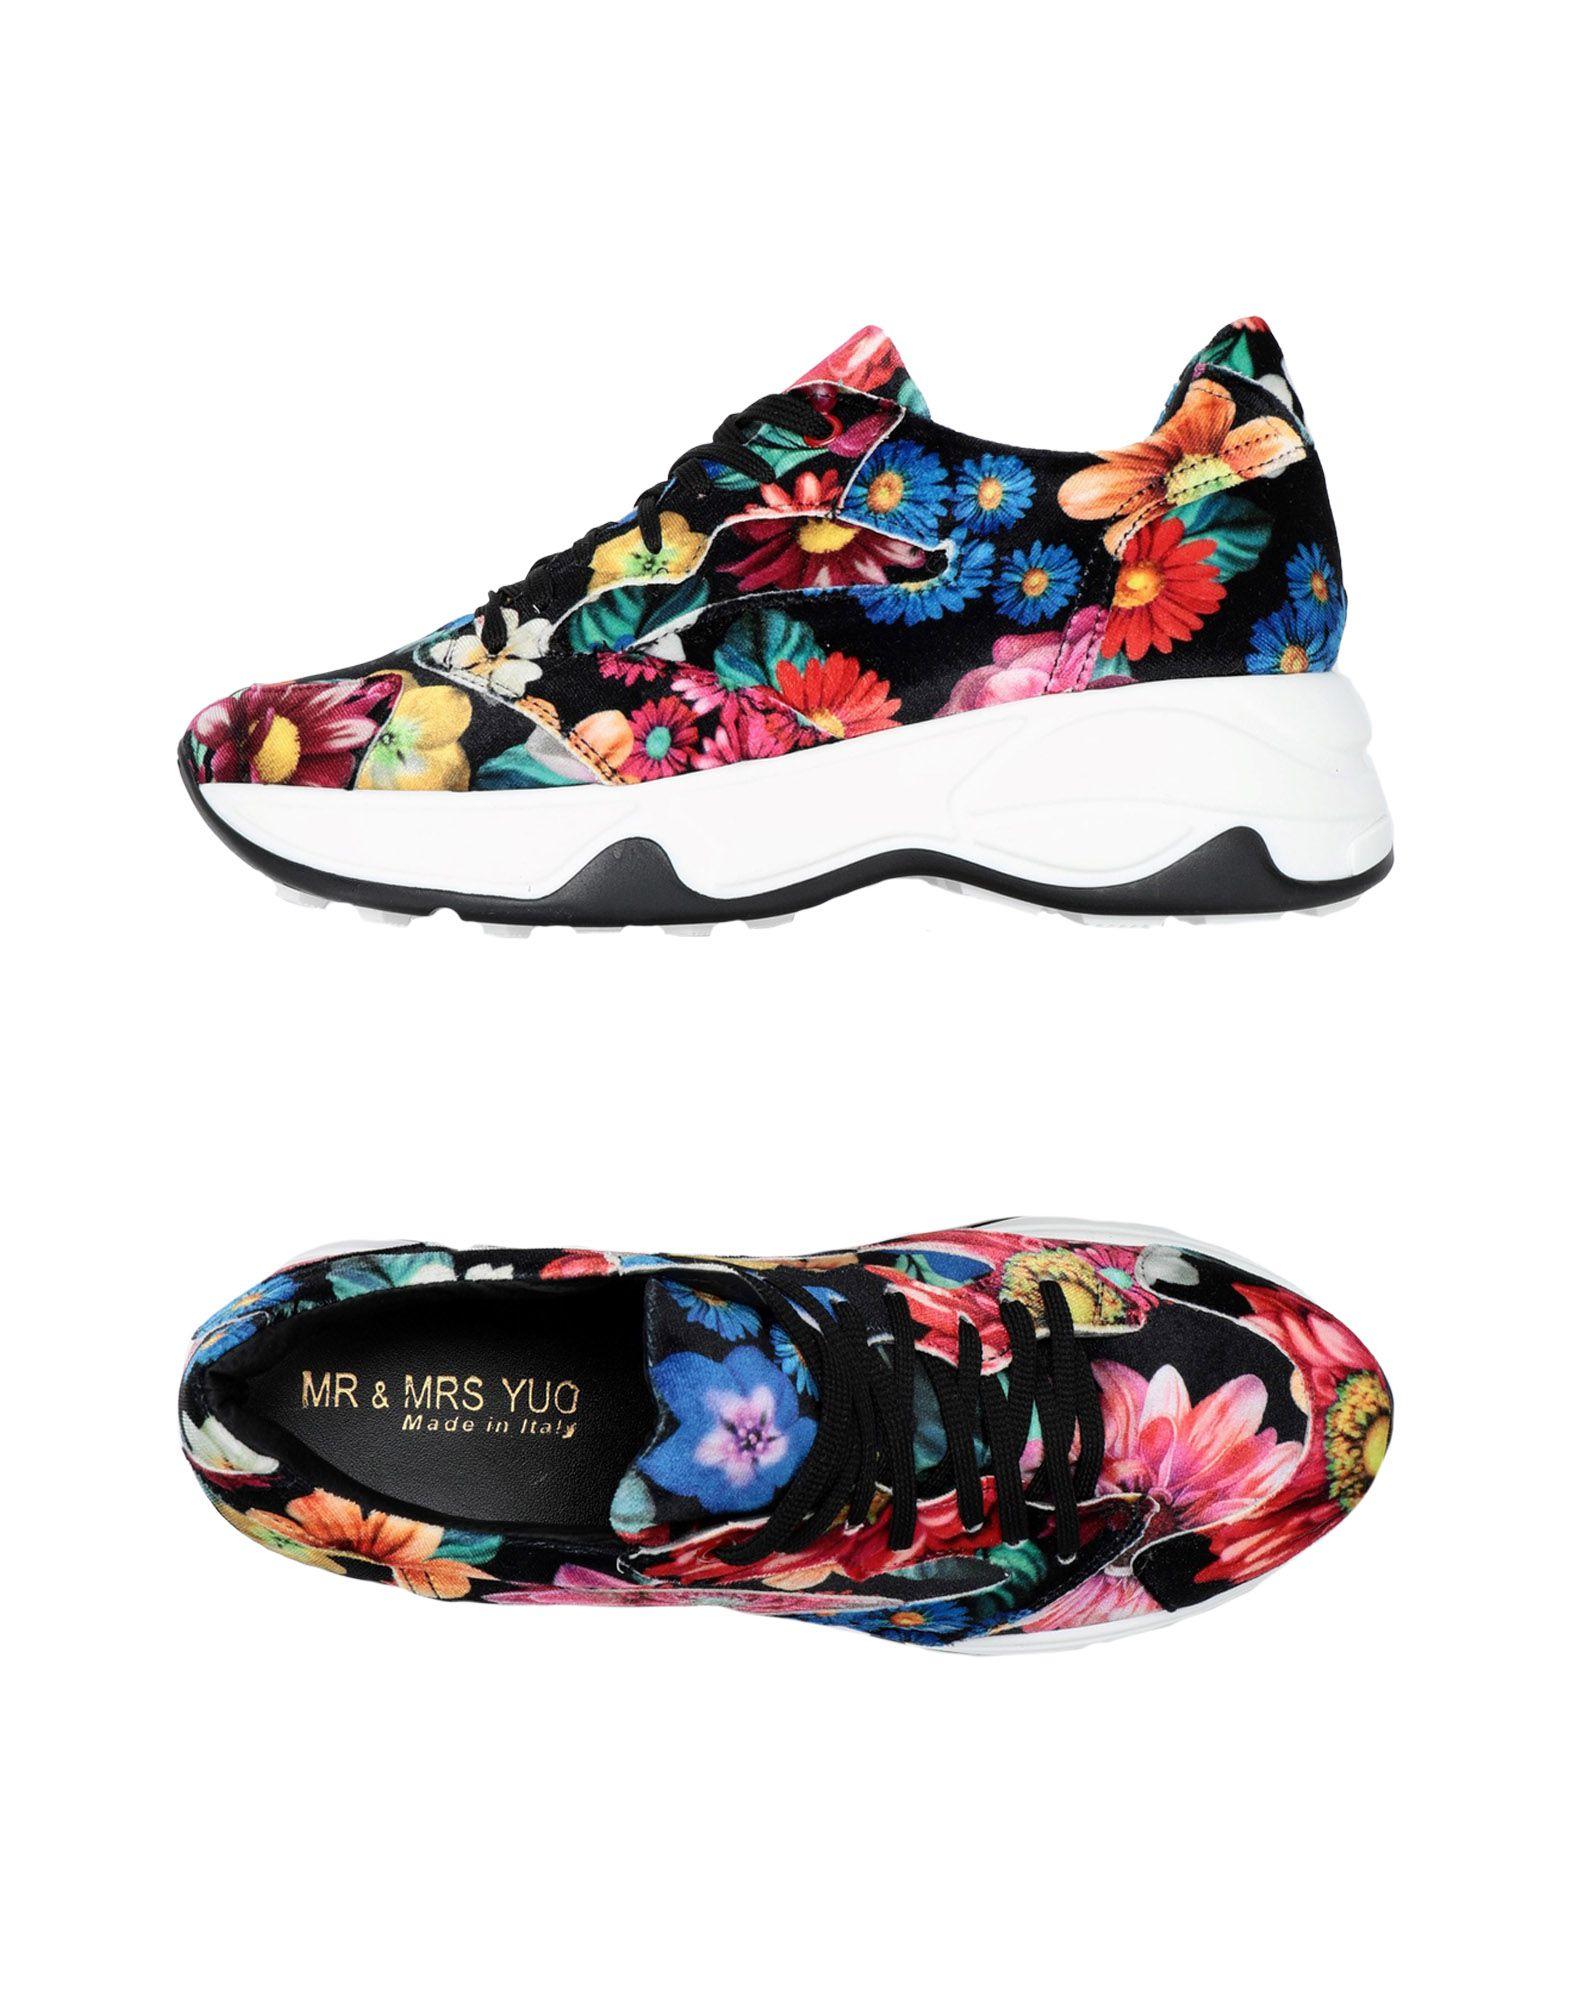 Moda barata y Zapatillas hermosa Zapatillas y Mr & Mrs Yuo Mujer - Zapatillas Mr & Mrs Yuo  Negro c70556